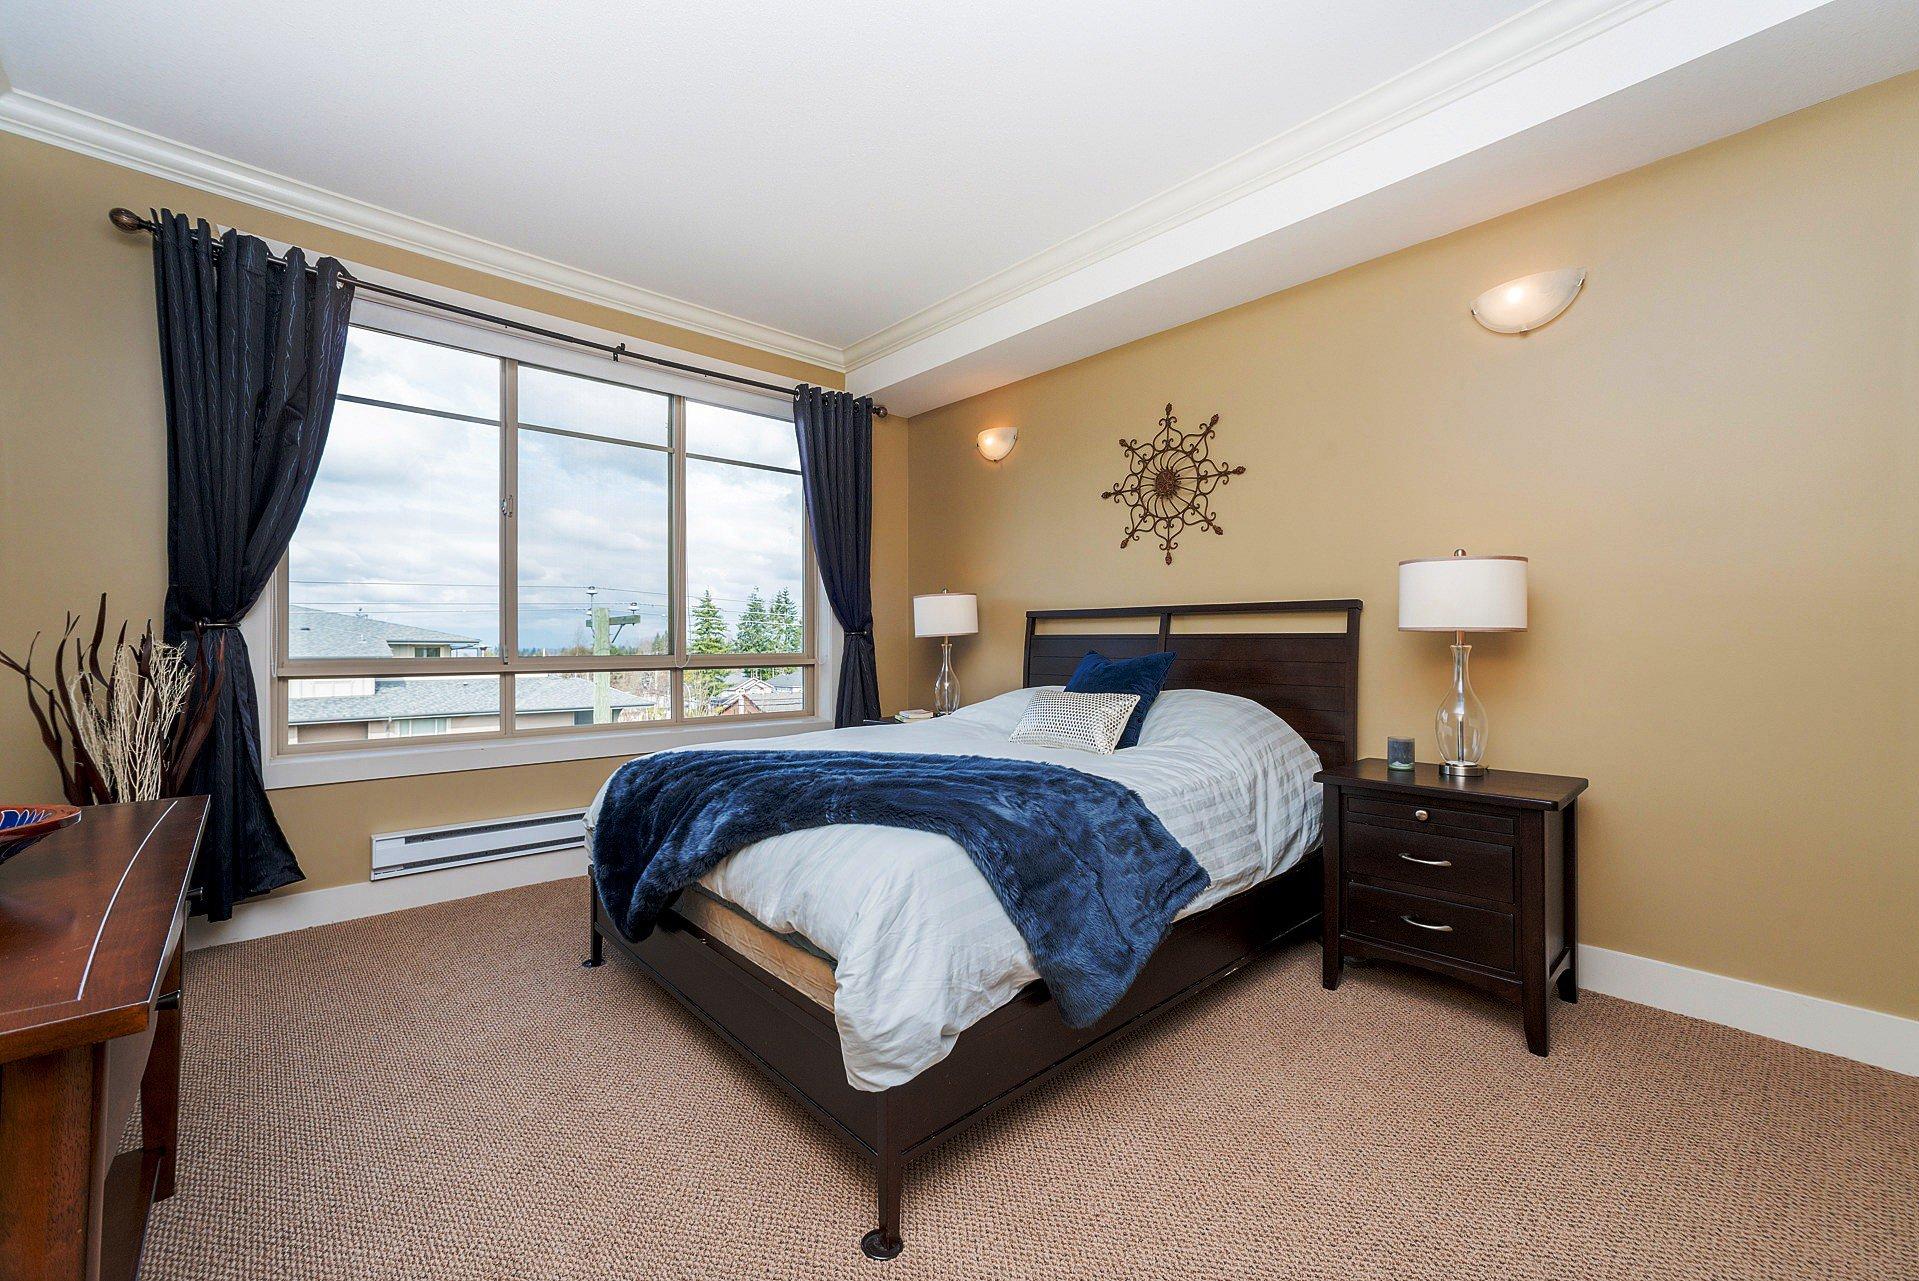 """Photo 12: Photos: 408 15368 17A Avenue in Surrey: King George Corridor Condo for sale in """"OCEAN WYNDE"""" (South Surrey White Rock)  : MLS®# R2249492"""